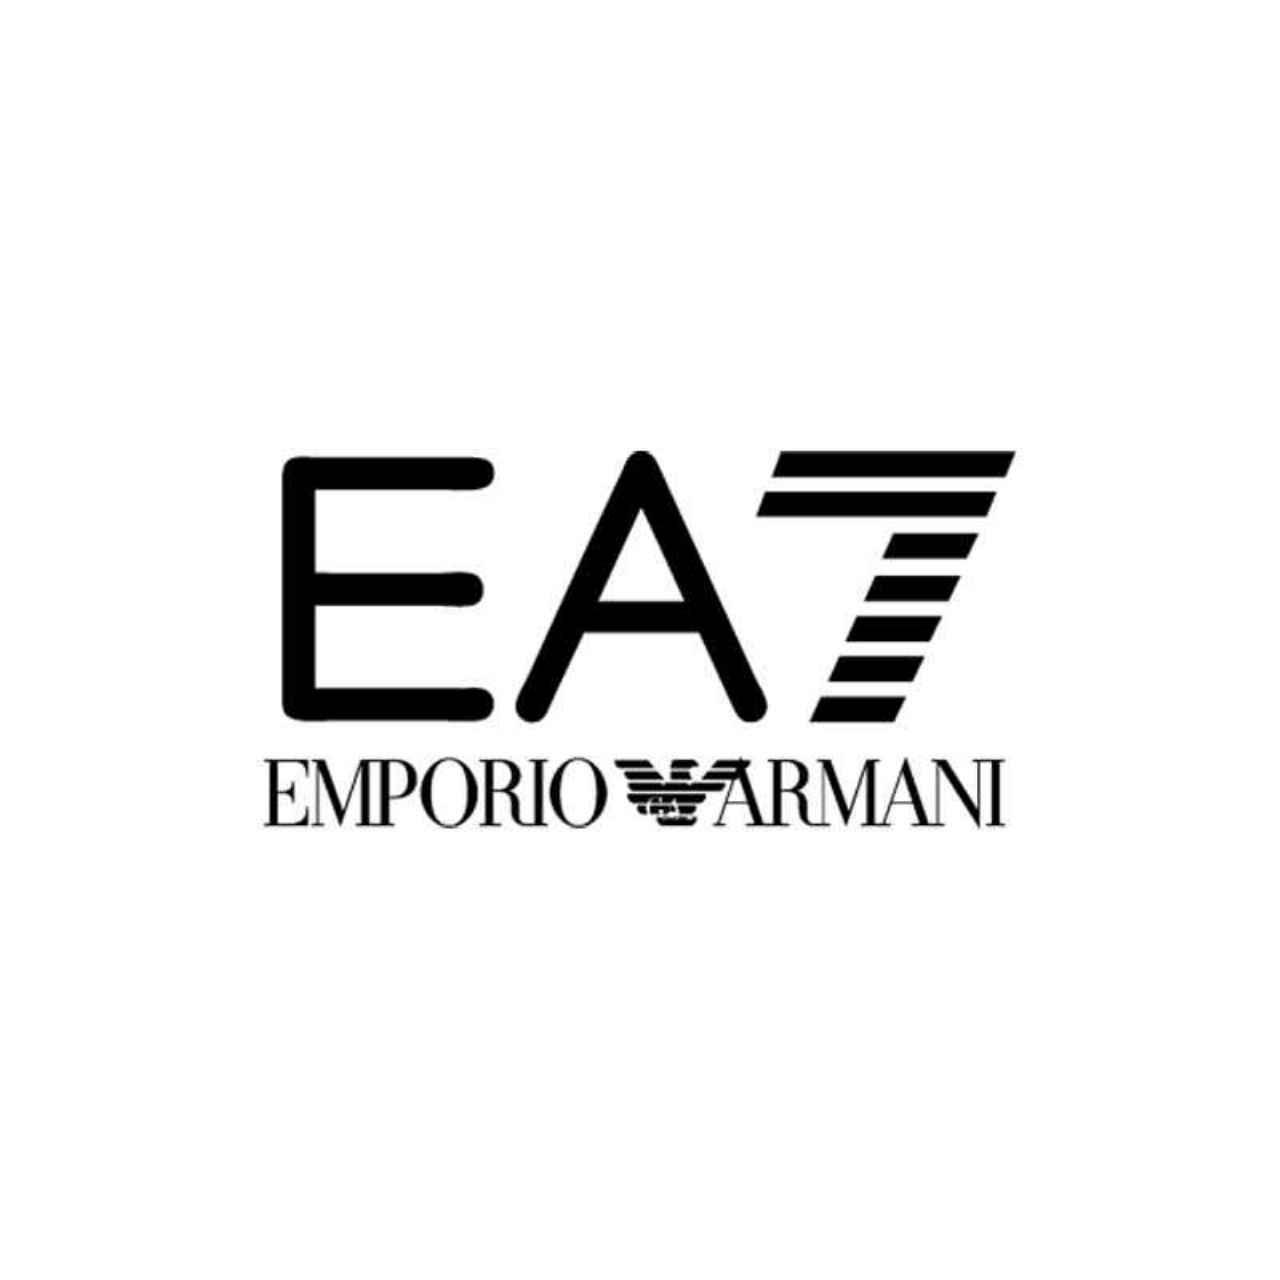 Scuola sci ski leader scuola sci snowboard prato nevoso - Emporio giorgio armani logo ...